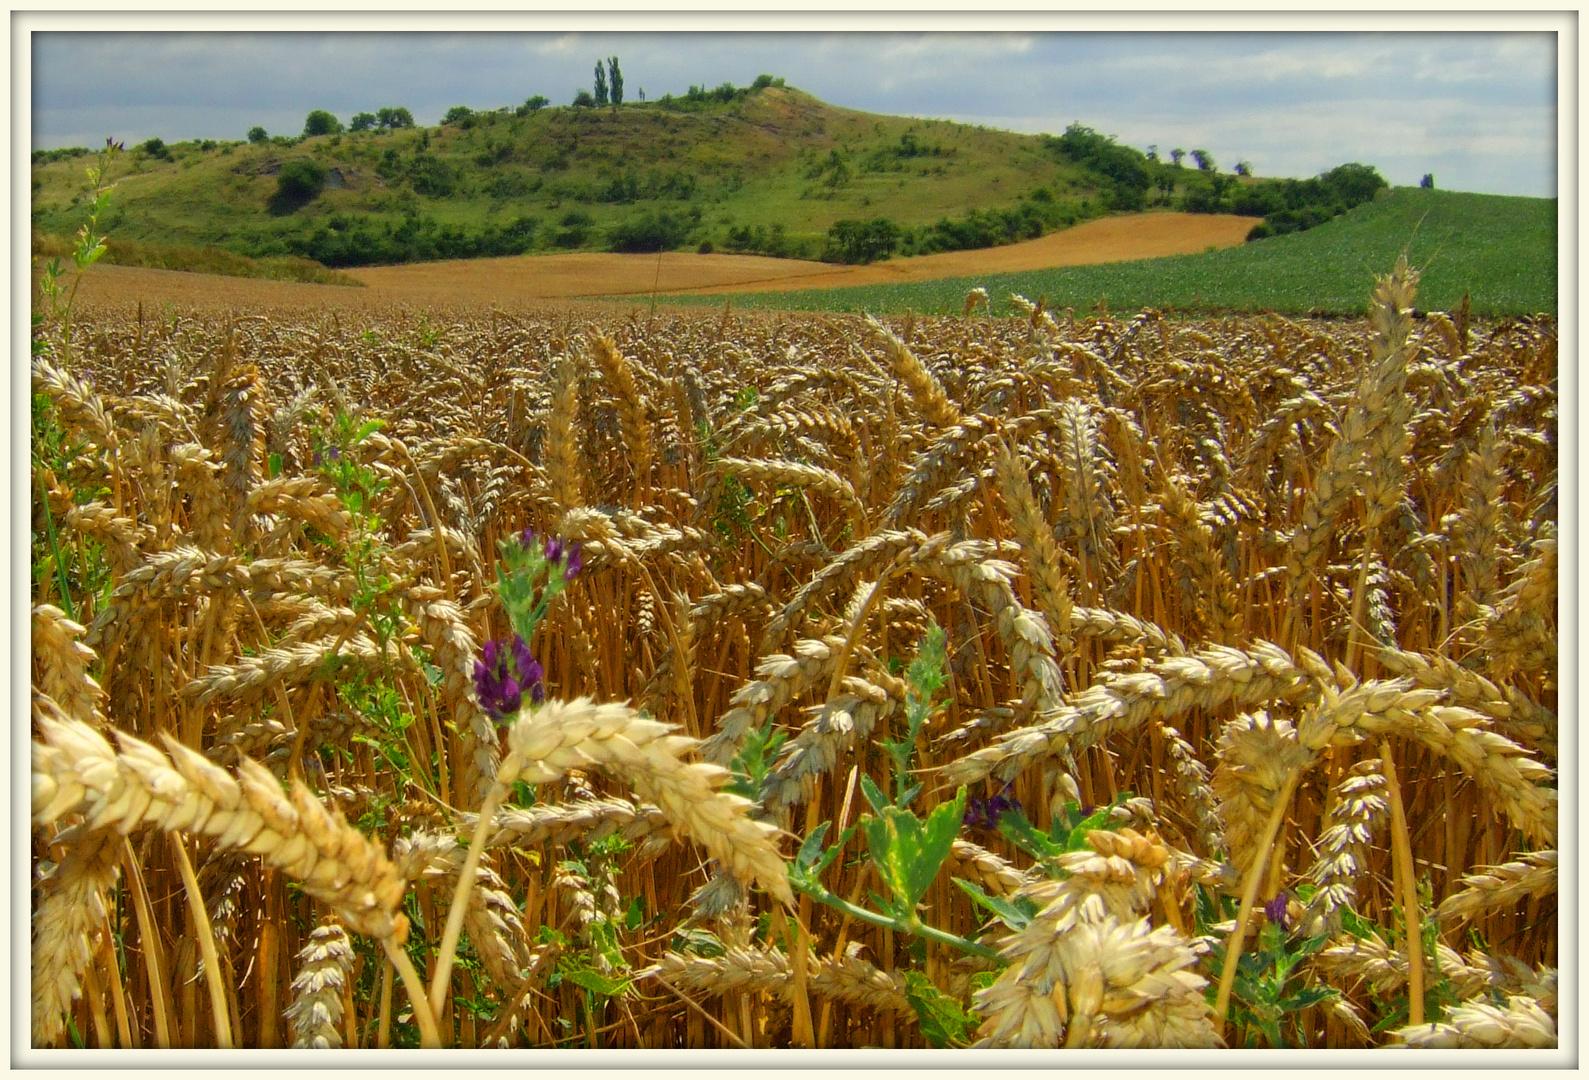 Das Korn ist reif...